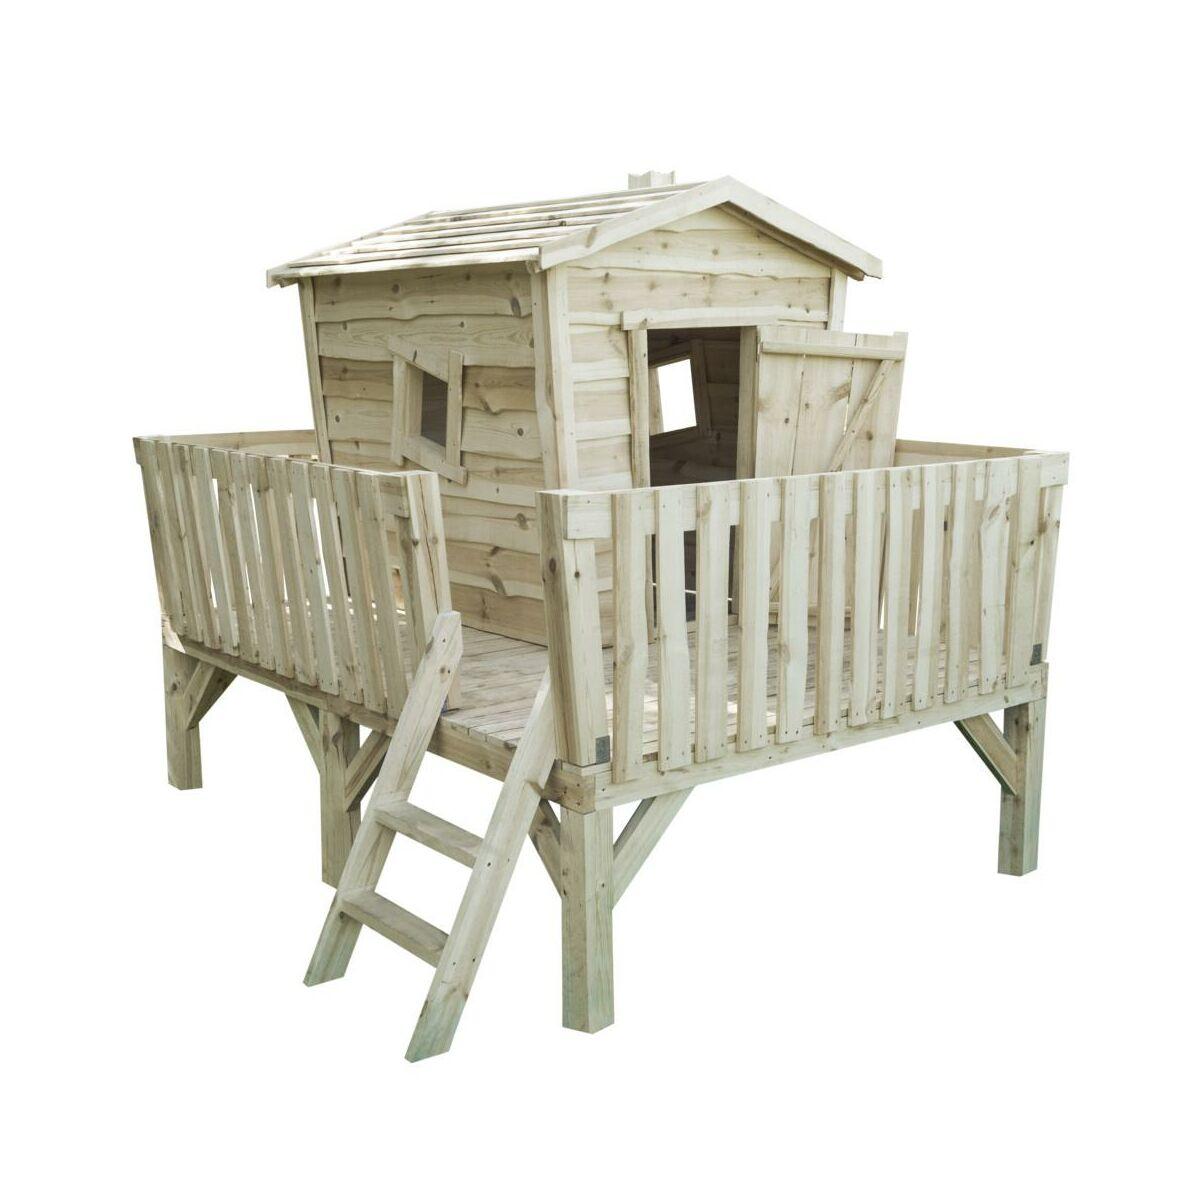 Domek dla dzieci drewniany NEVADA 180 x 240 x 208 cm WERTH-HOLZ